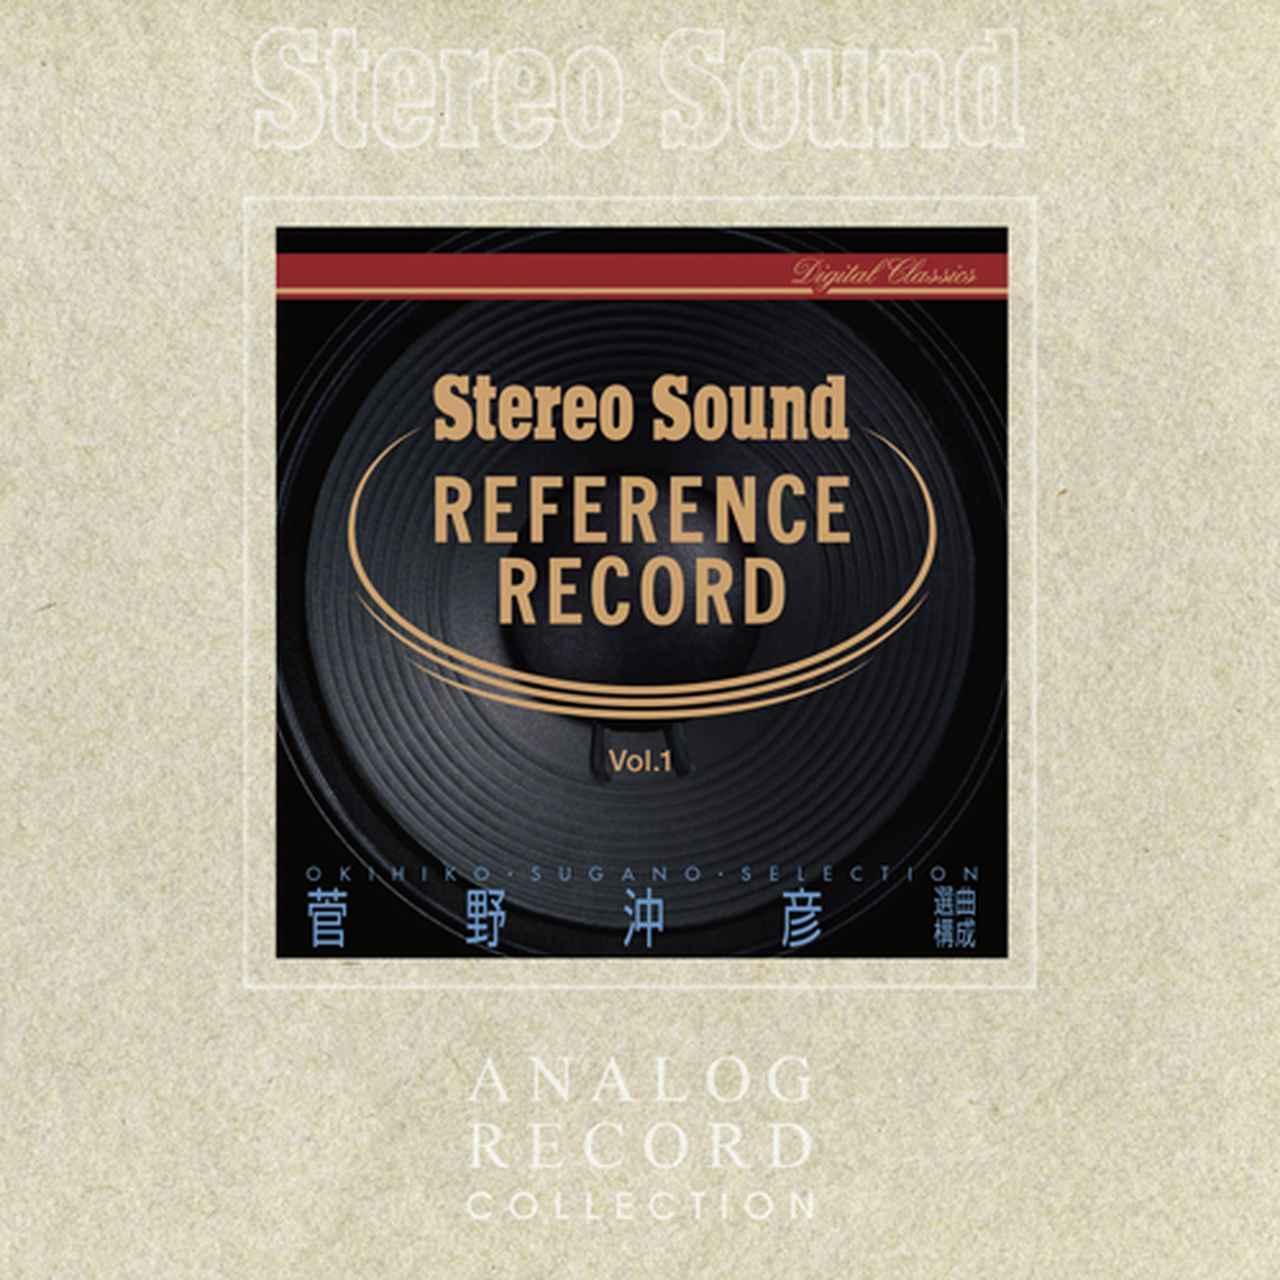 画像: ステレオサウンド リファレンス・レコード Vol.1 (アナログレコード2枚組) SSAR-028~029 https://www.stereosound-store.jp/fs/ssstore/rs_lp/3027